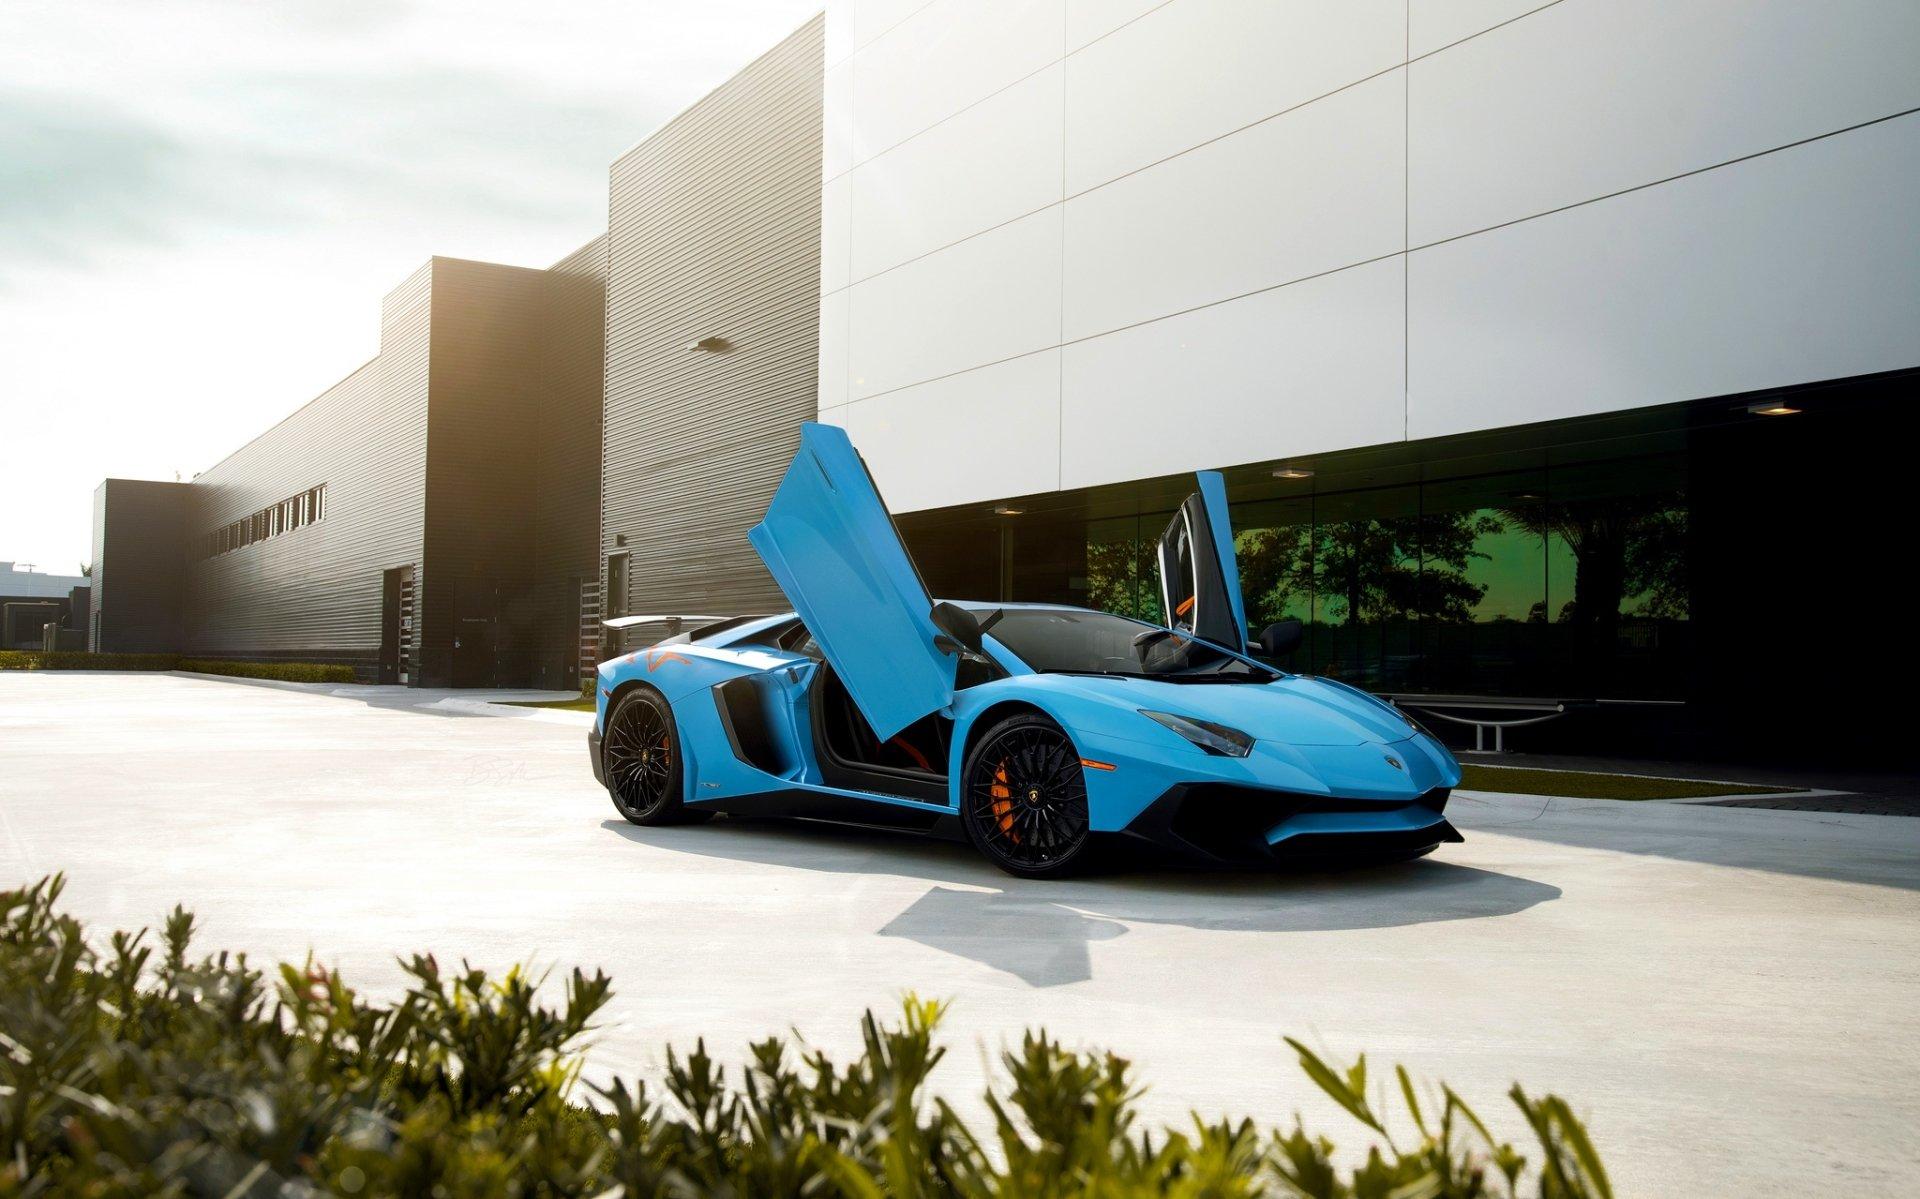 座驾 - 兰博基尼Aventador  Supercar 兰博基尼 汽车 交通工具 Blue Car Sport Car 壁纸